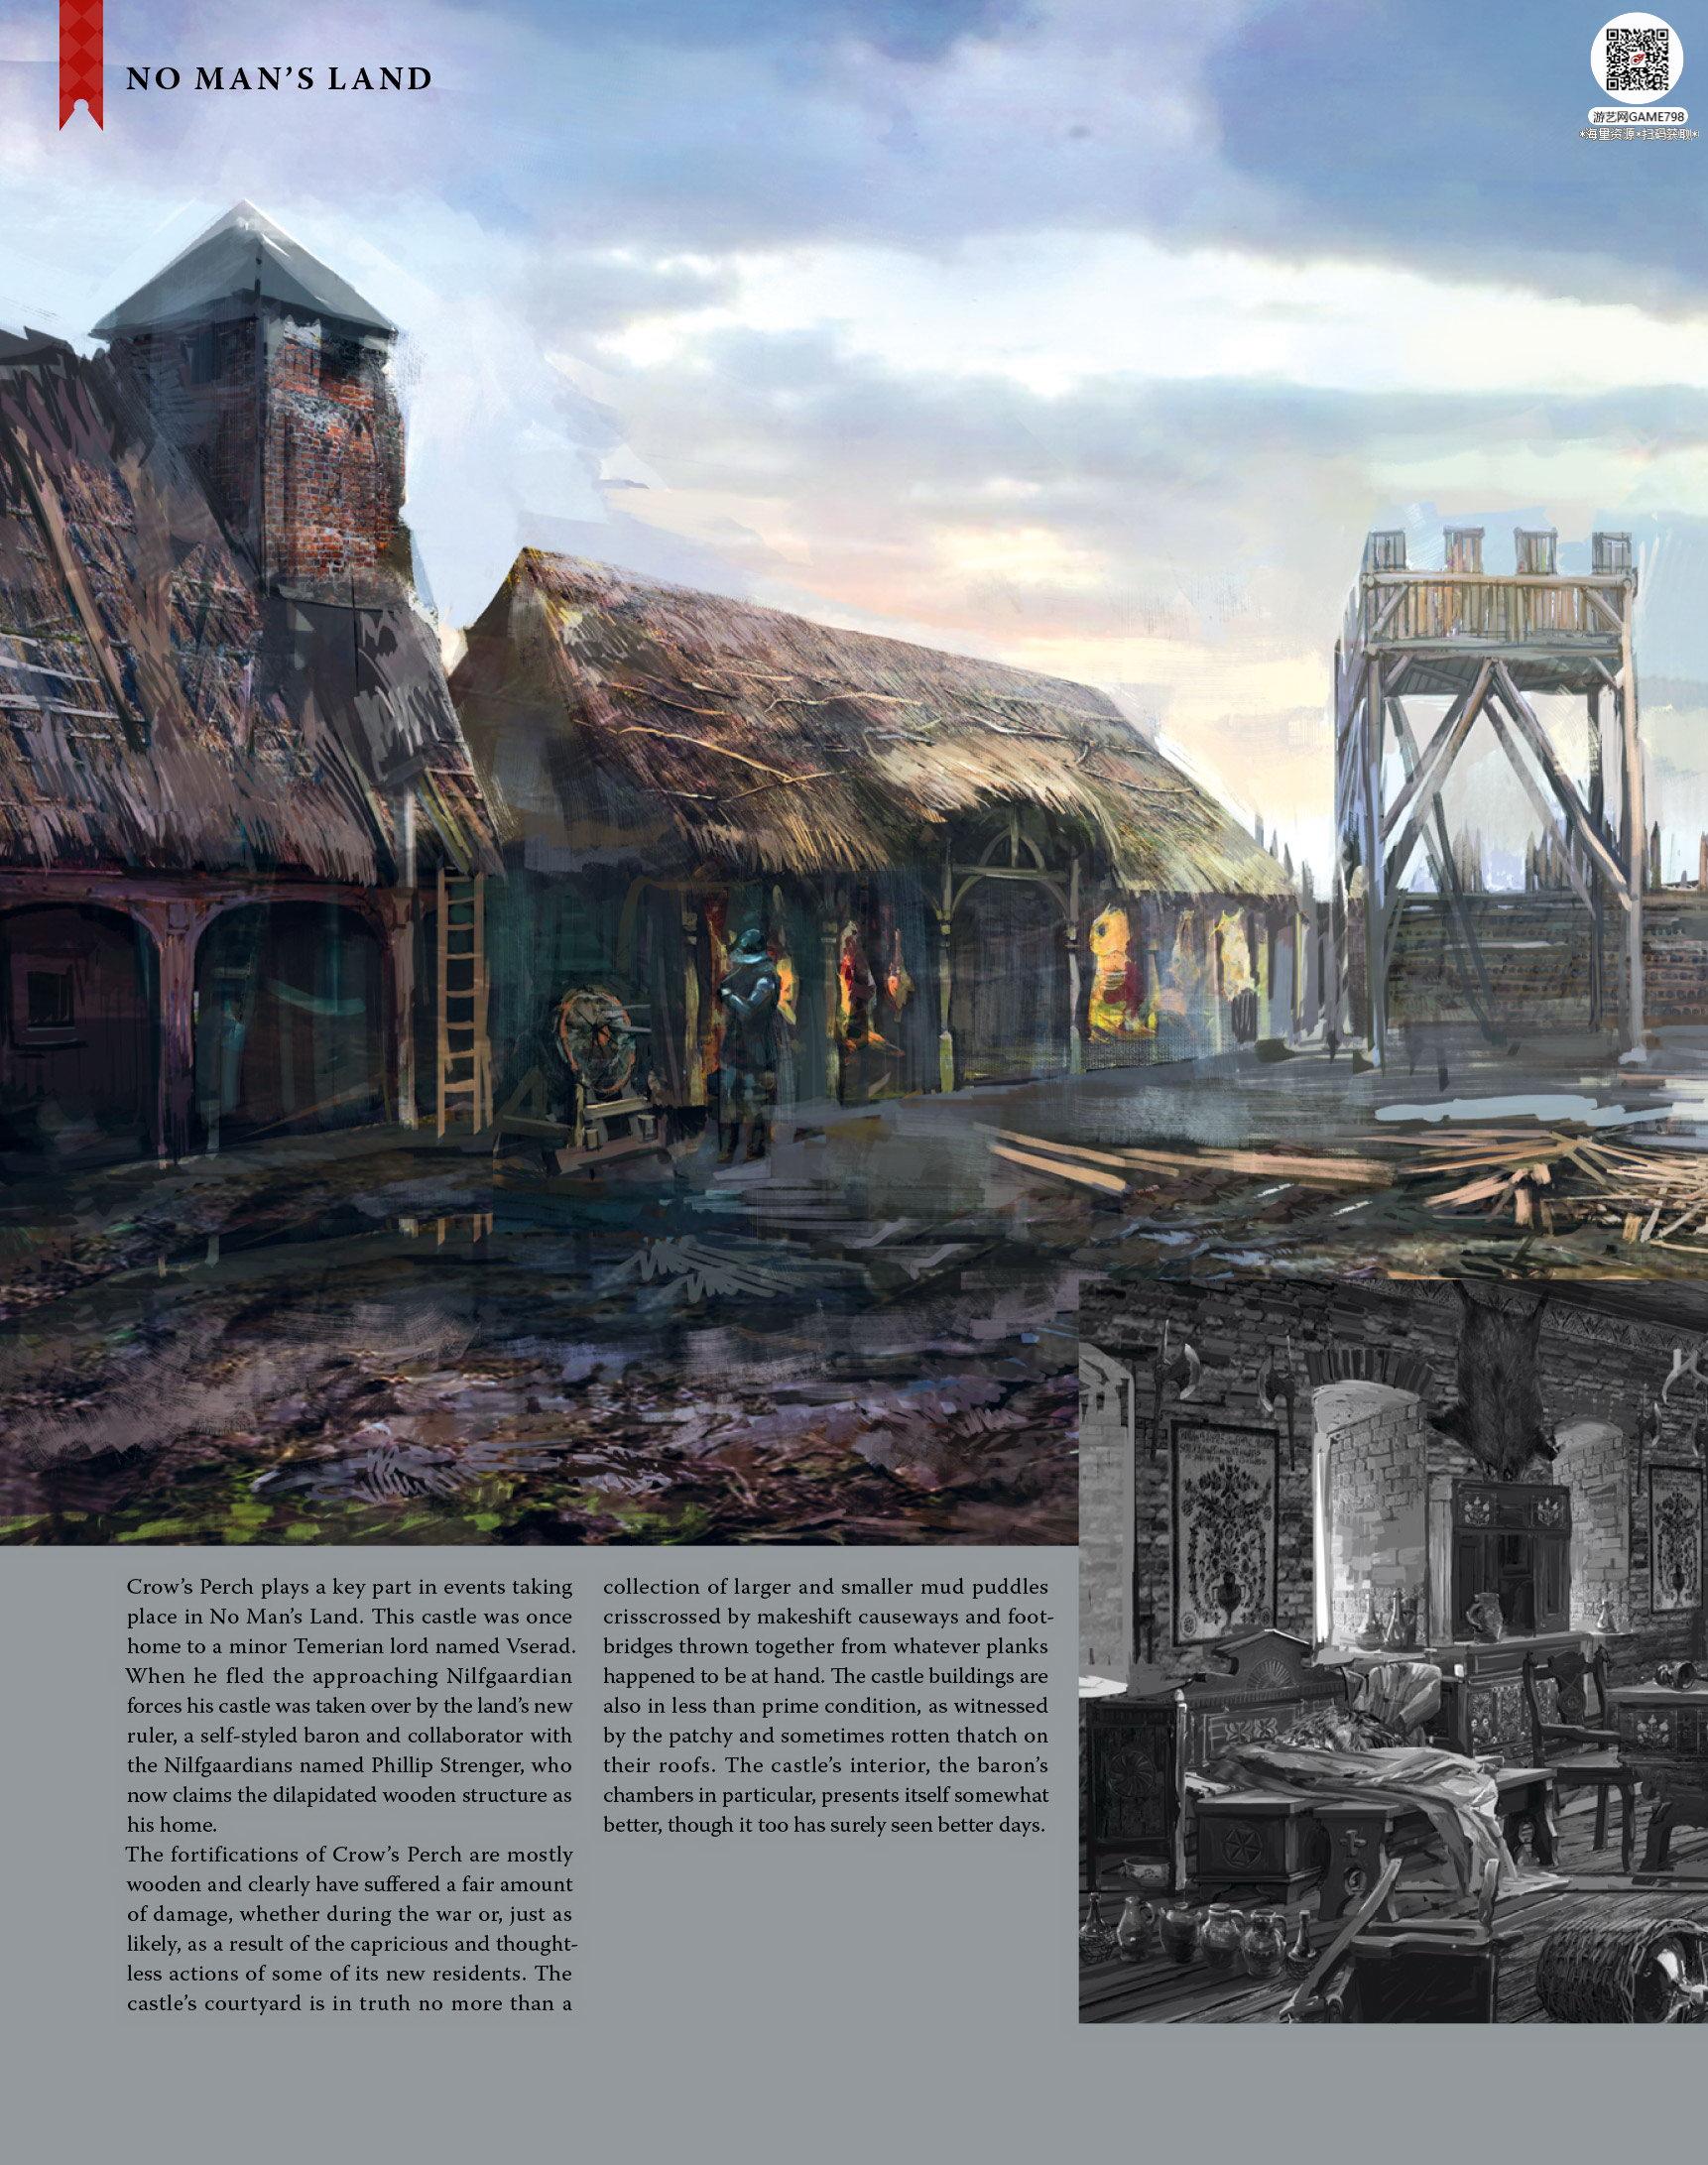 021_关注游艺网公众号获海量资源_次世代游戏巫师3(Witcher)官方原画概念设定.jpg